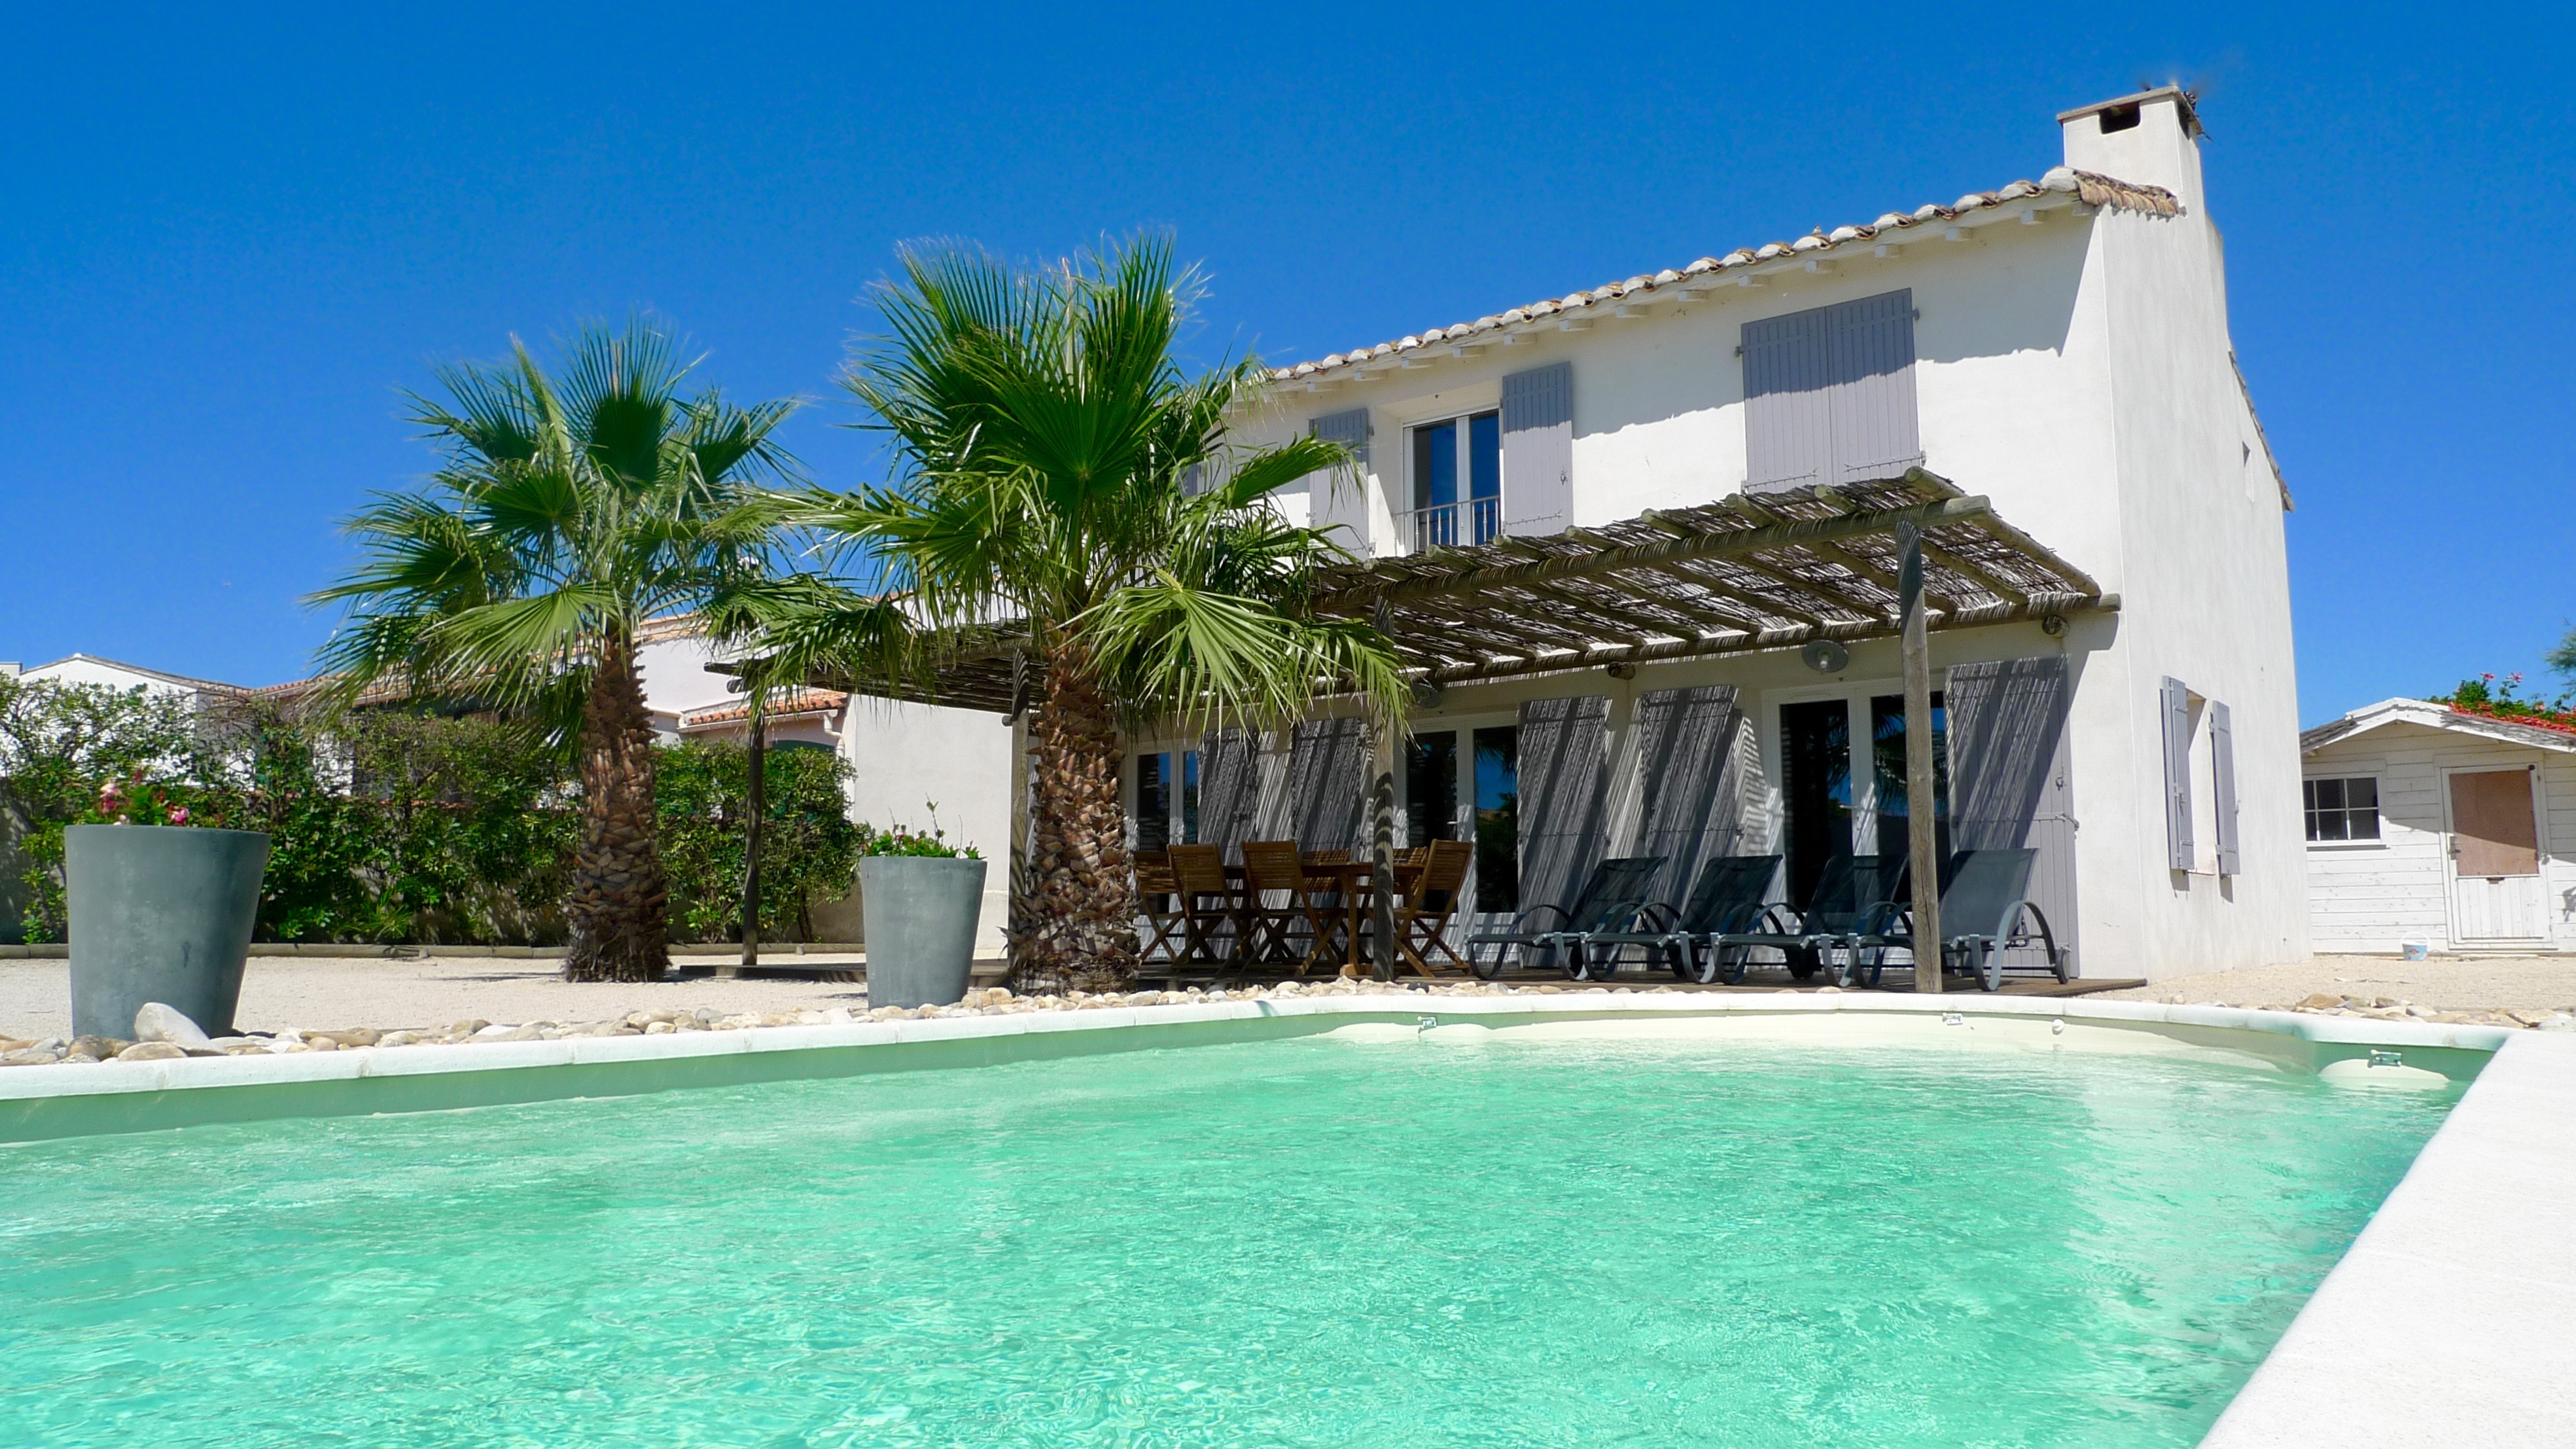 Maison a louer en camargue avec piscine ventana blog - Maison a louer barcelone avec piscine ...